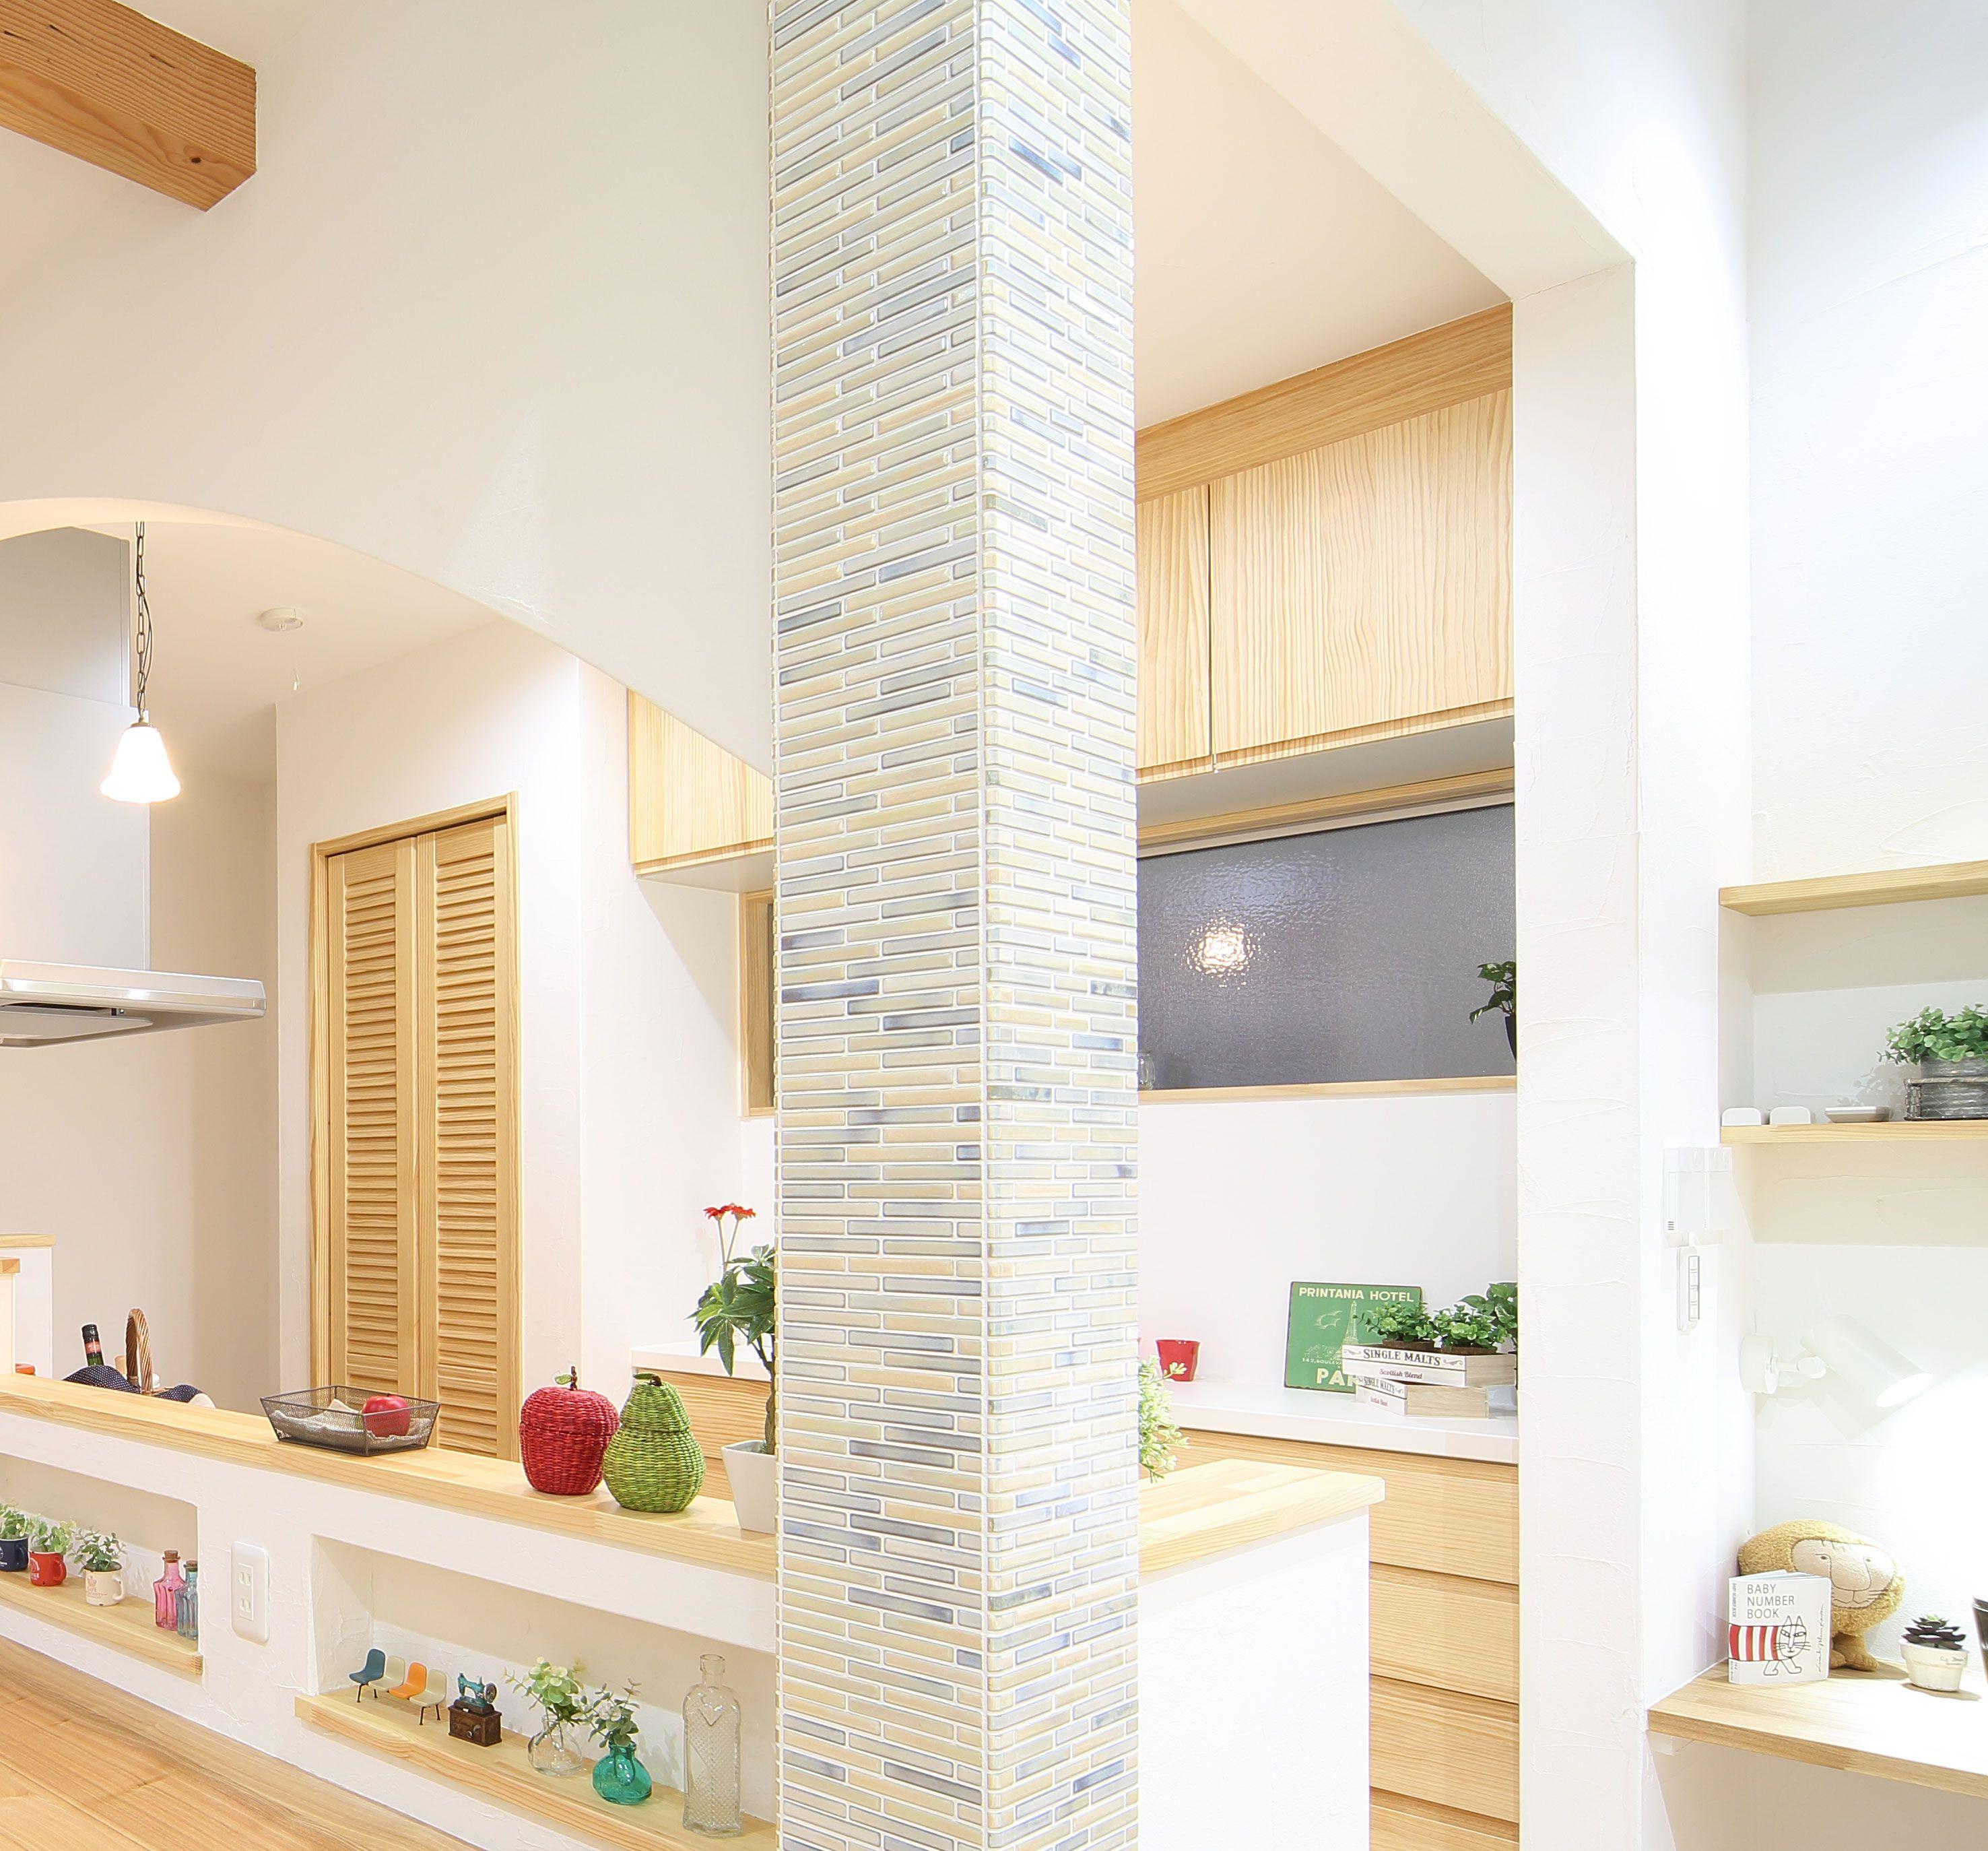 タイルで仕上げて おしゃれな柱に リビング キッチン リビング